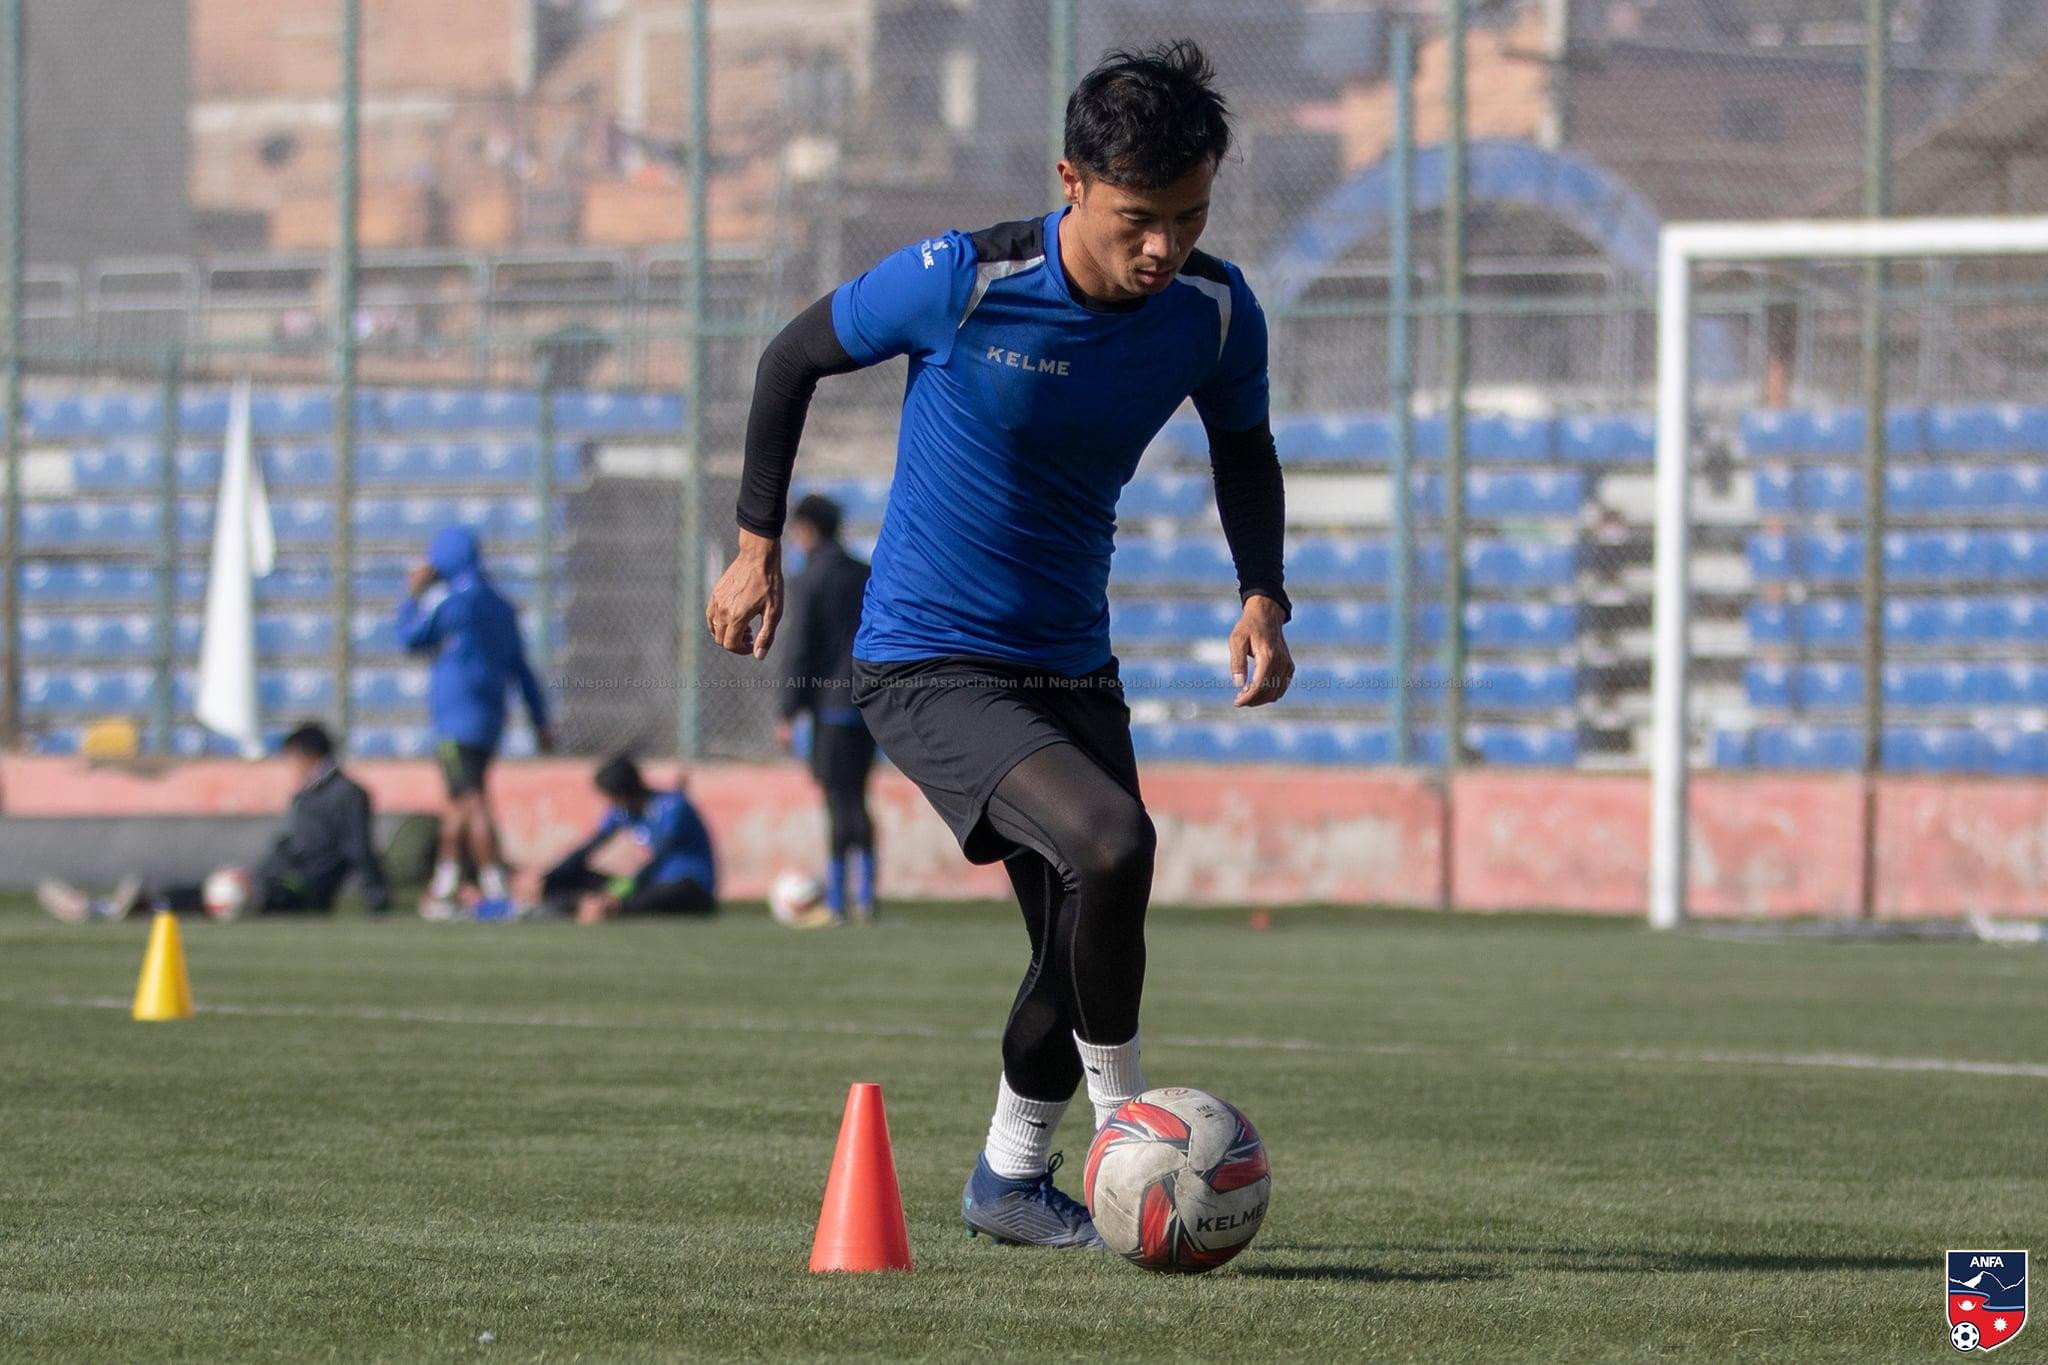 काठमाडौं रेजर्स एनएसएलको पहिलो संस्करणको च्याम्पियन, धनगढी एफसी १-० पराजित